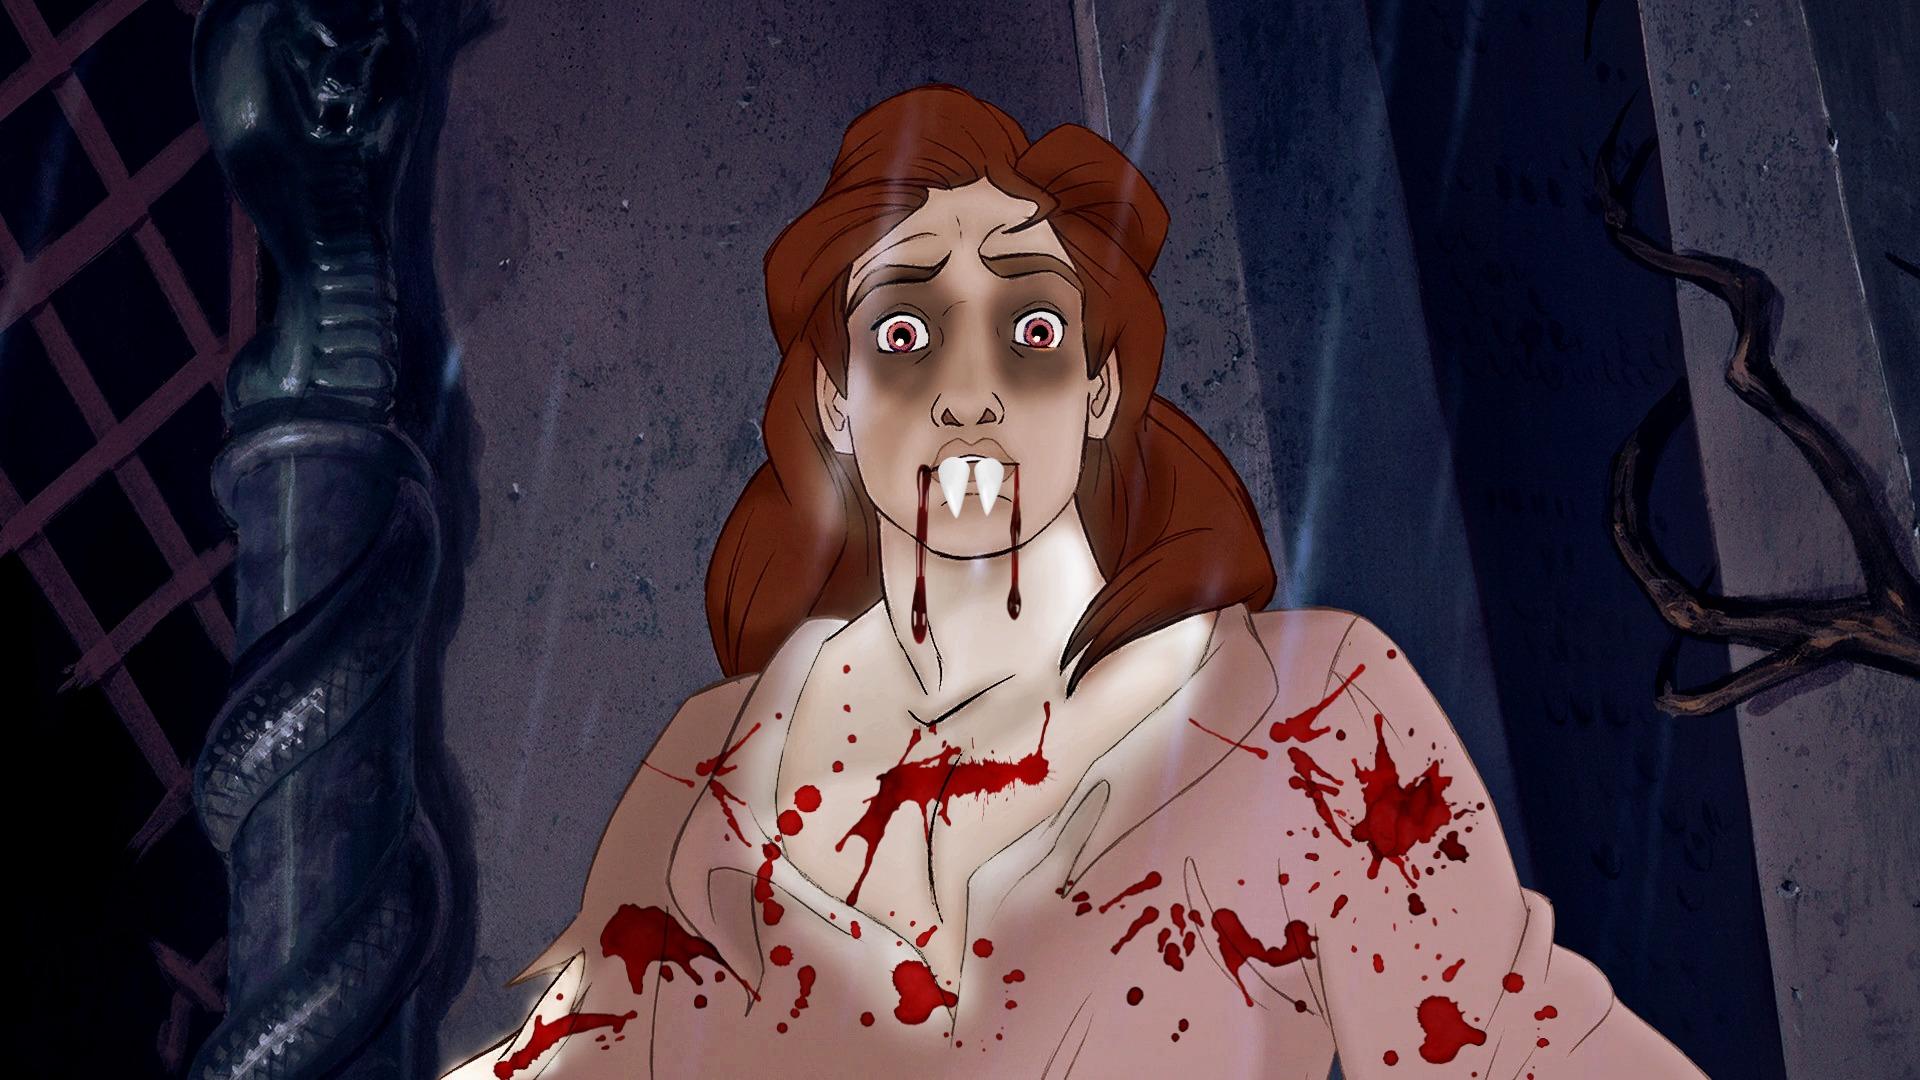 Adam the Vampire